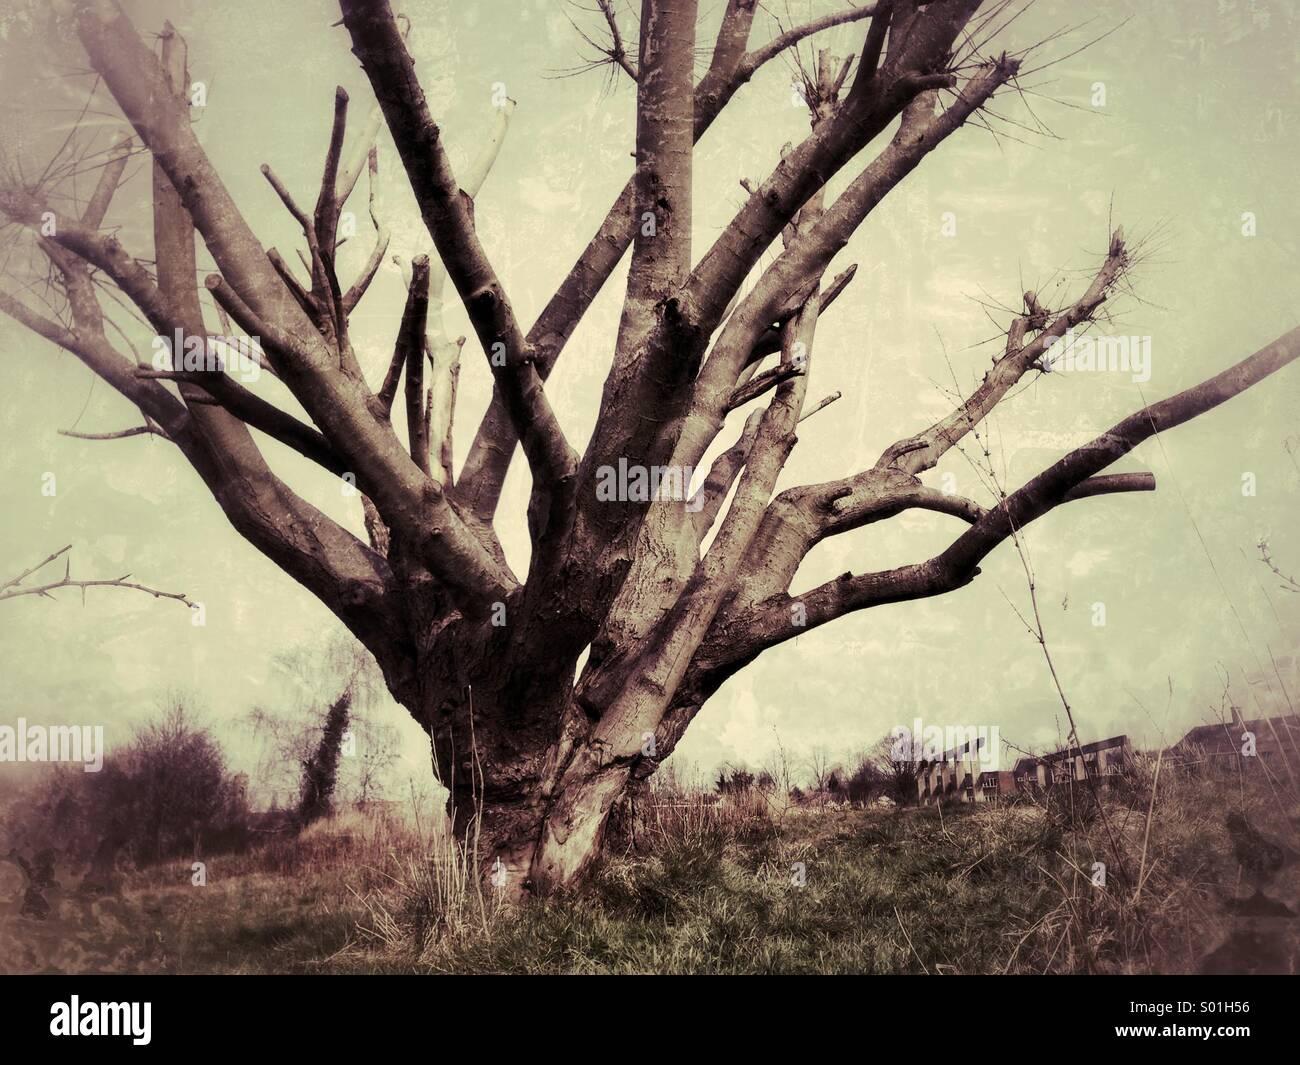 Spooky tree Photo Stock